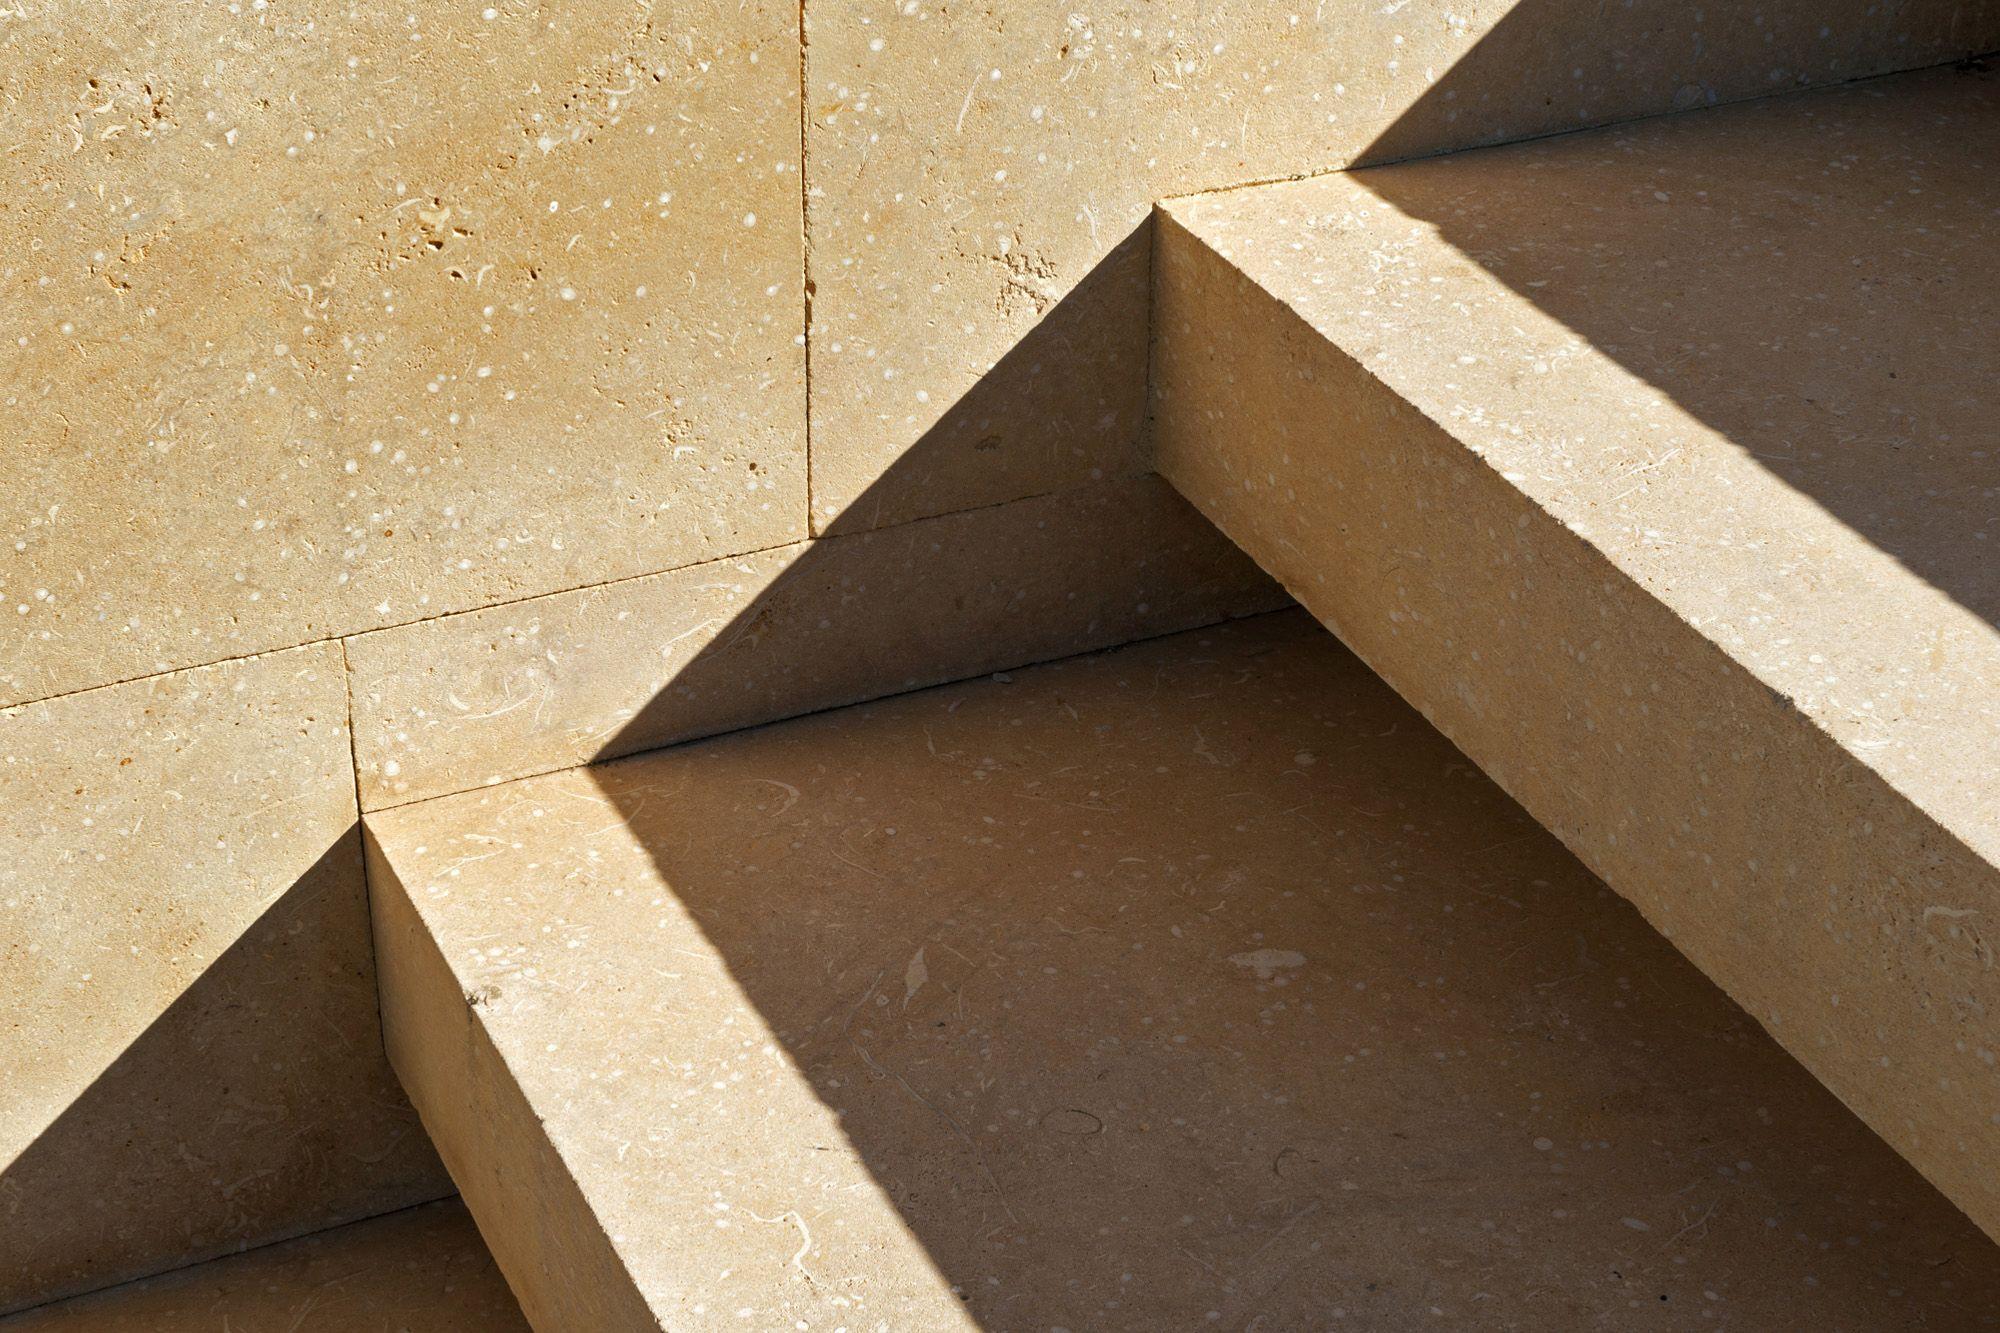 St tropez houses john pawson details details architektur raum und atmosph re - Japanische innenarchitektur ...